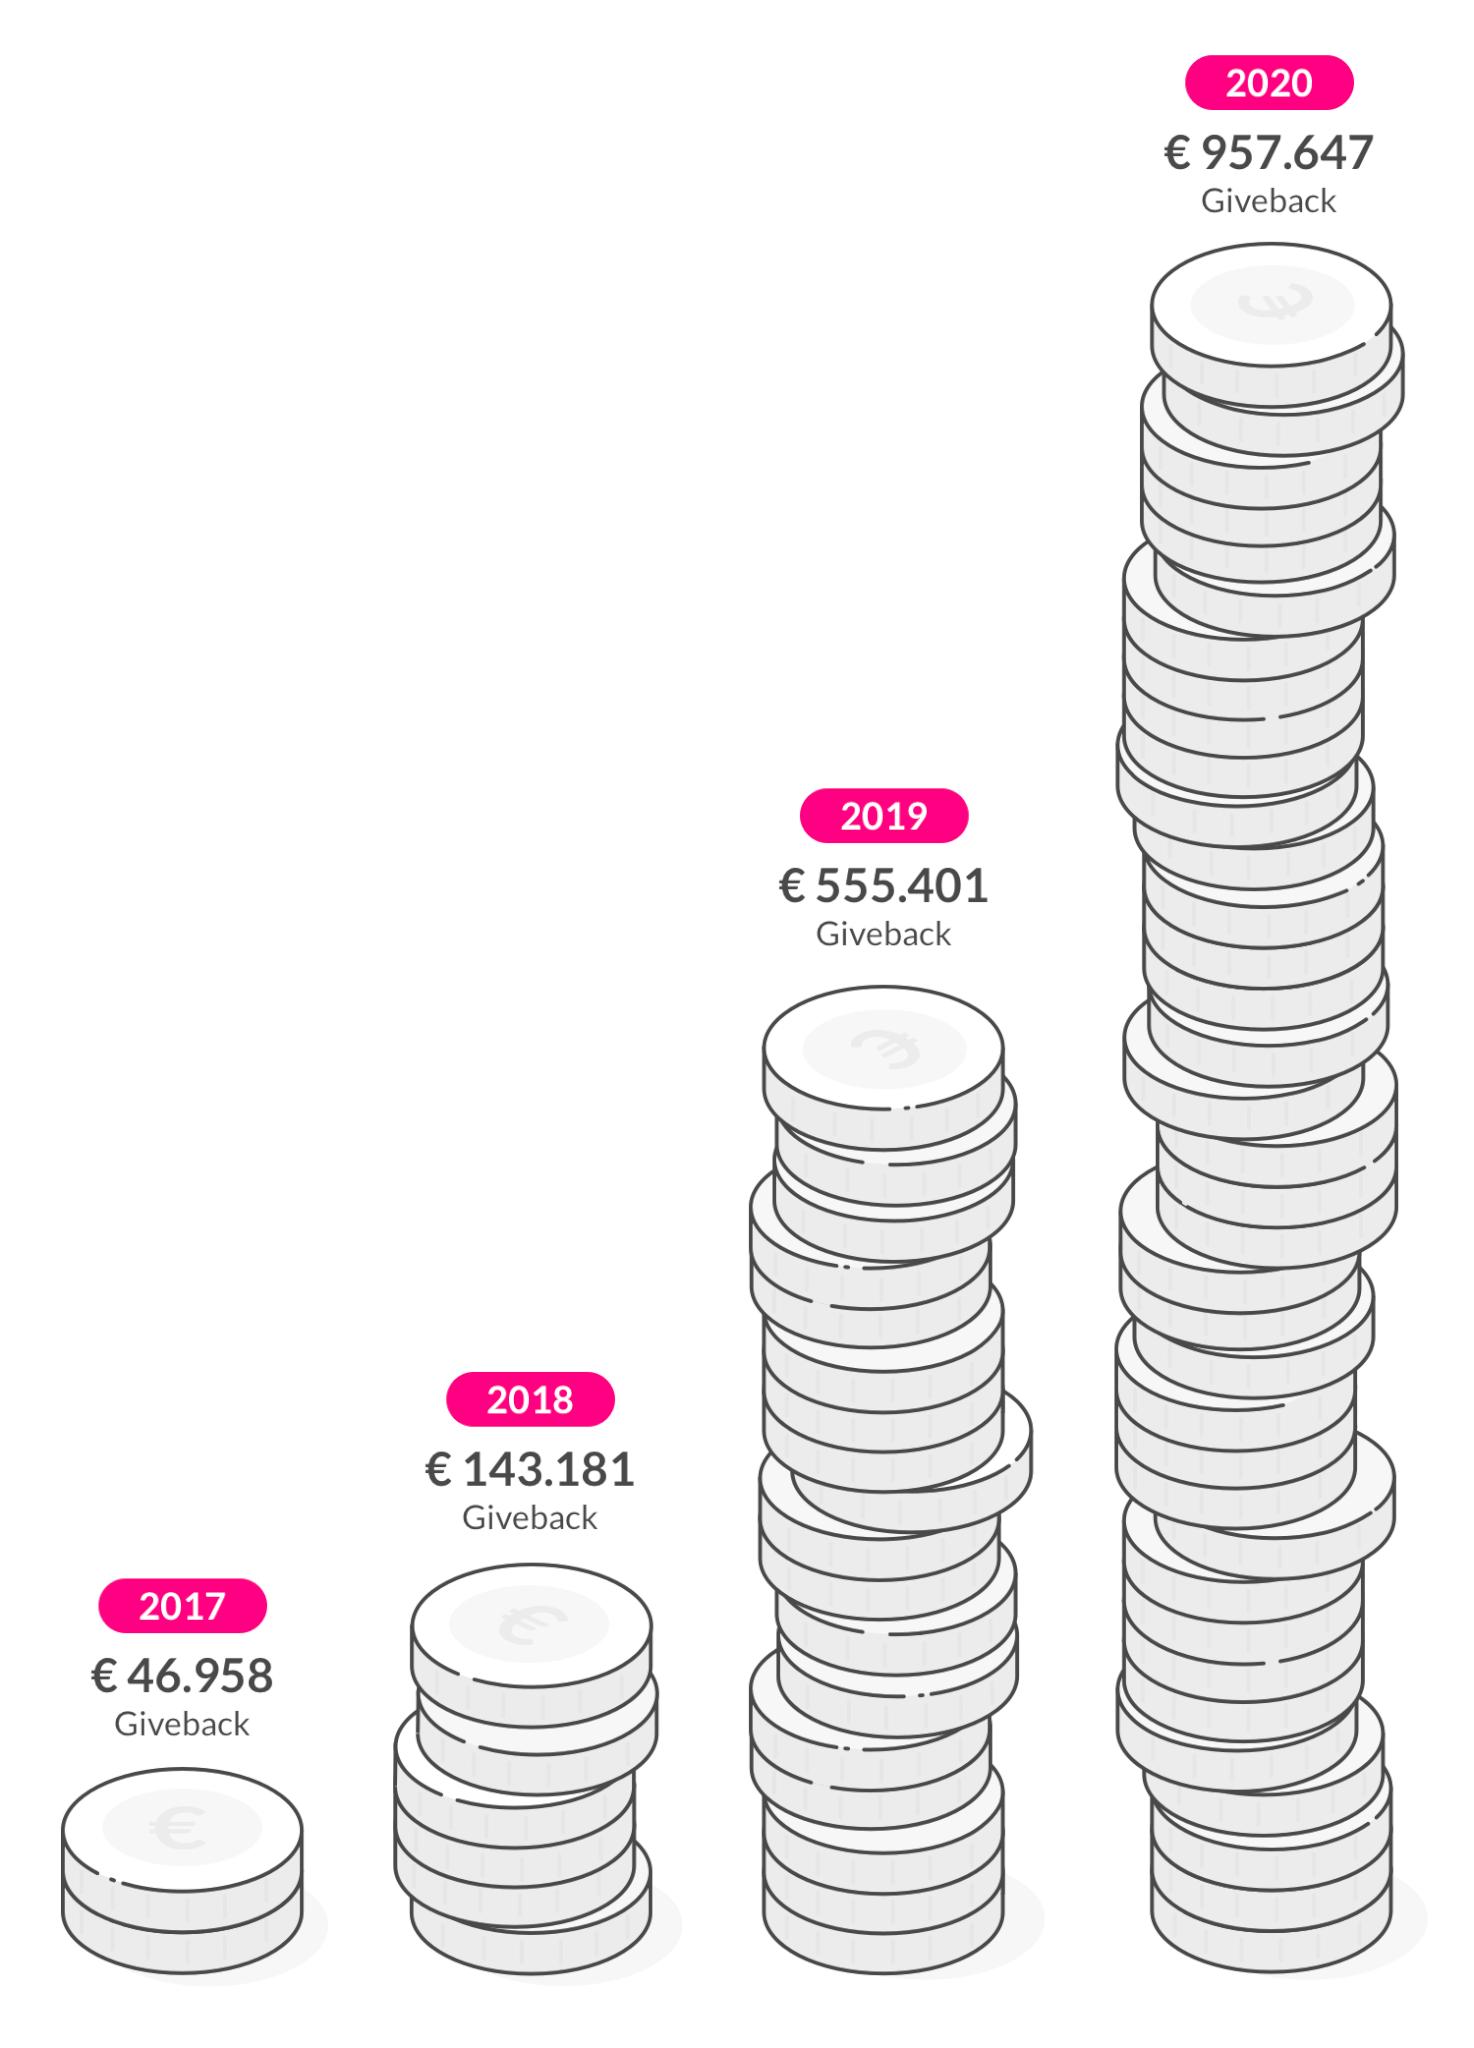 Growing-Giveback-2020